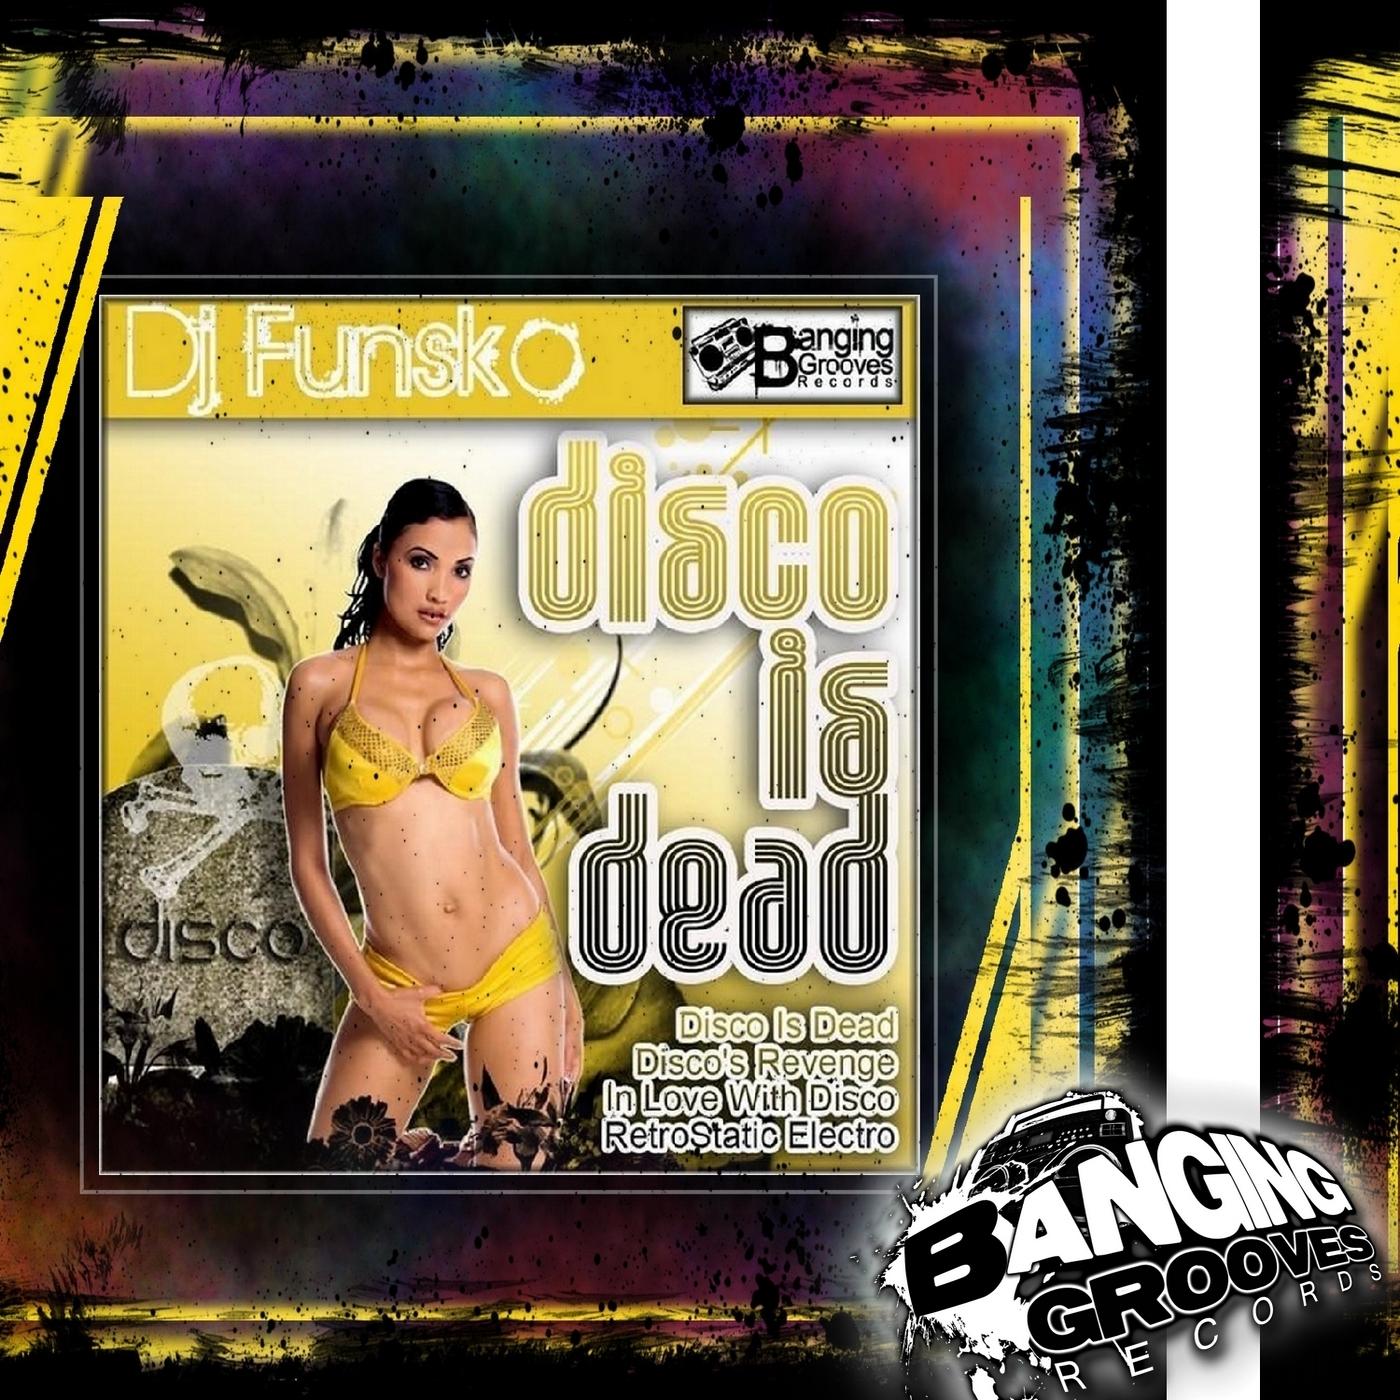 DJ Funsko - In Love With Disco (Original mix)